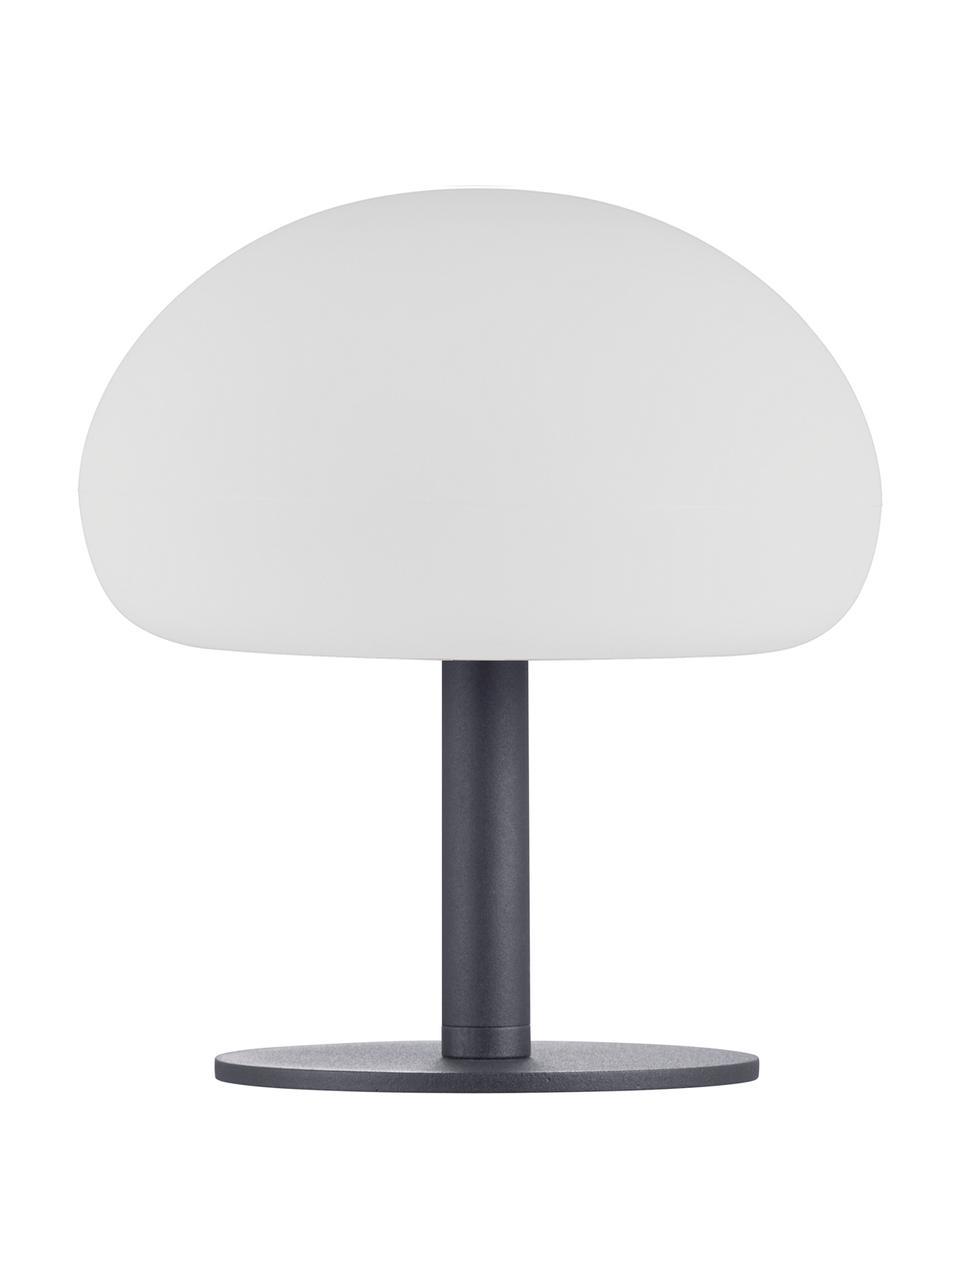 Dimmbare LED-Außentischleuchte Sponge, Lampenschirm: Kunststoff (PVC), Lampenfuß: Metall, beschichtet, Weiß, Schwarz, Ø 20 x H 22cm